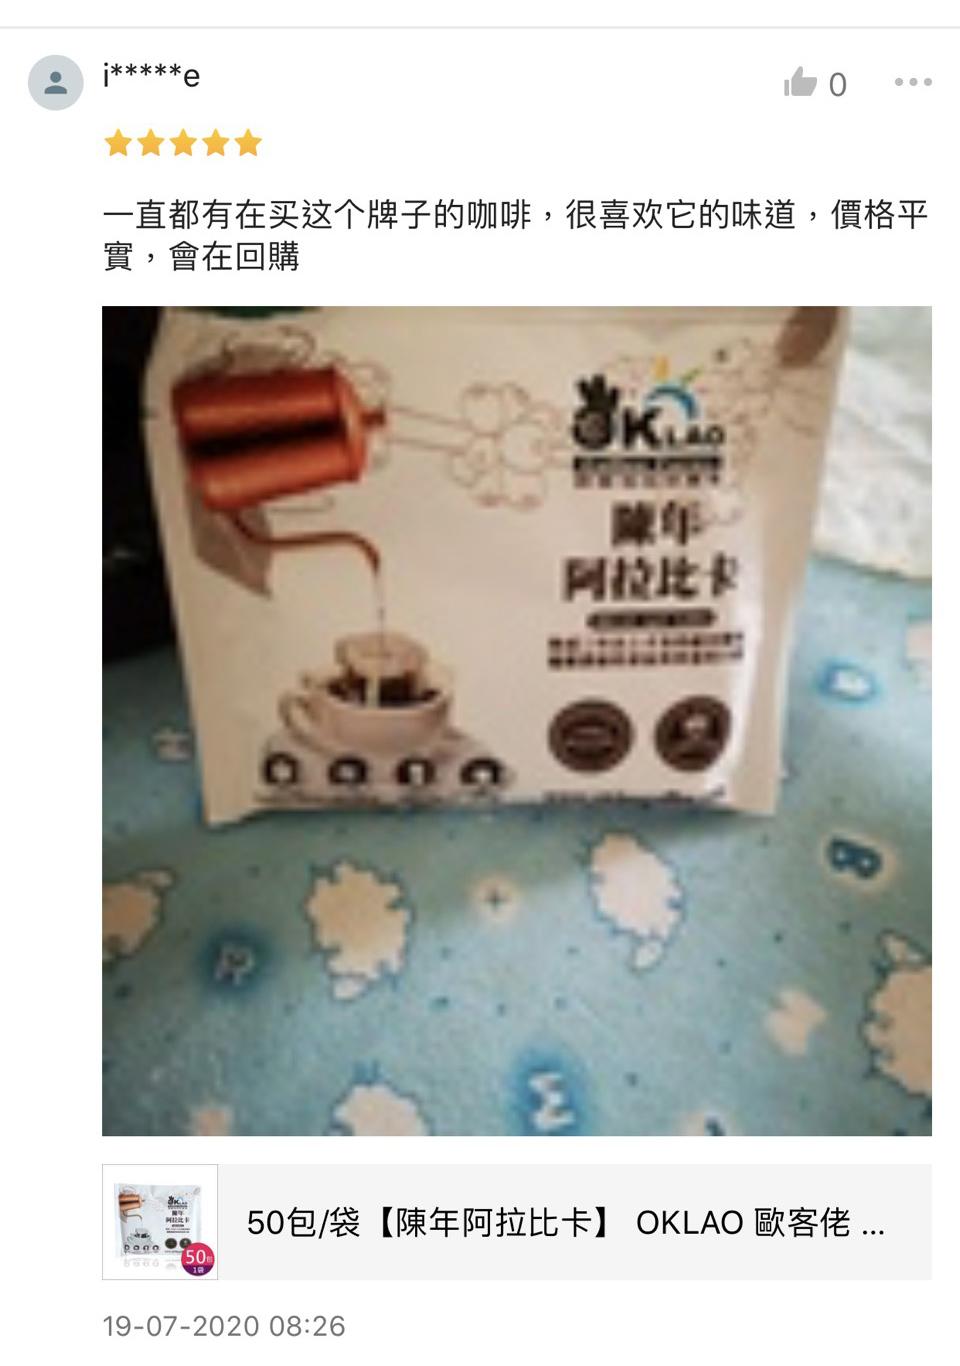 50包/袋【陳年阿拉比卡】 一直都有在買這個牌子的咖啡,很喜歡它的味道,價格平實,會在回購